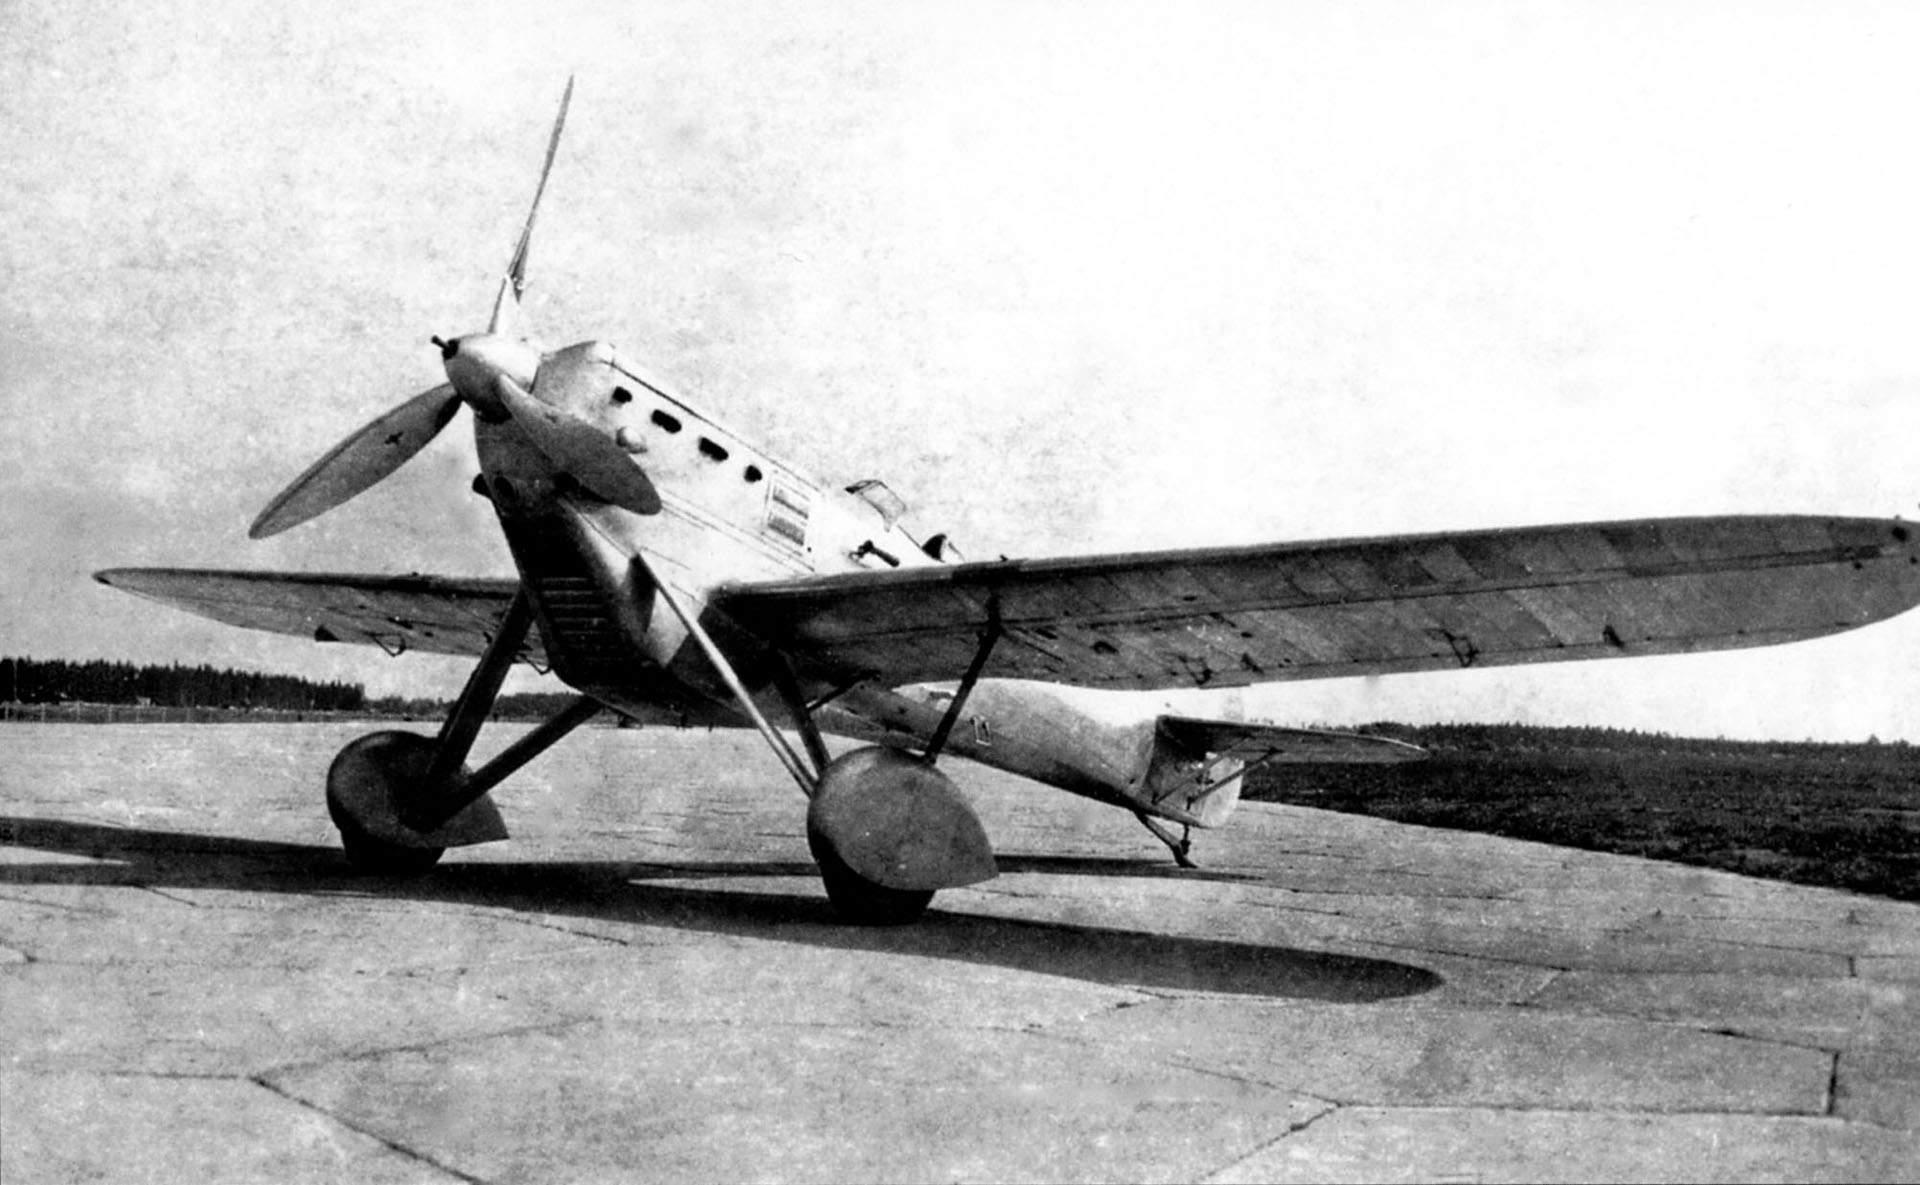 Dewiotine D.510